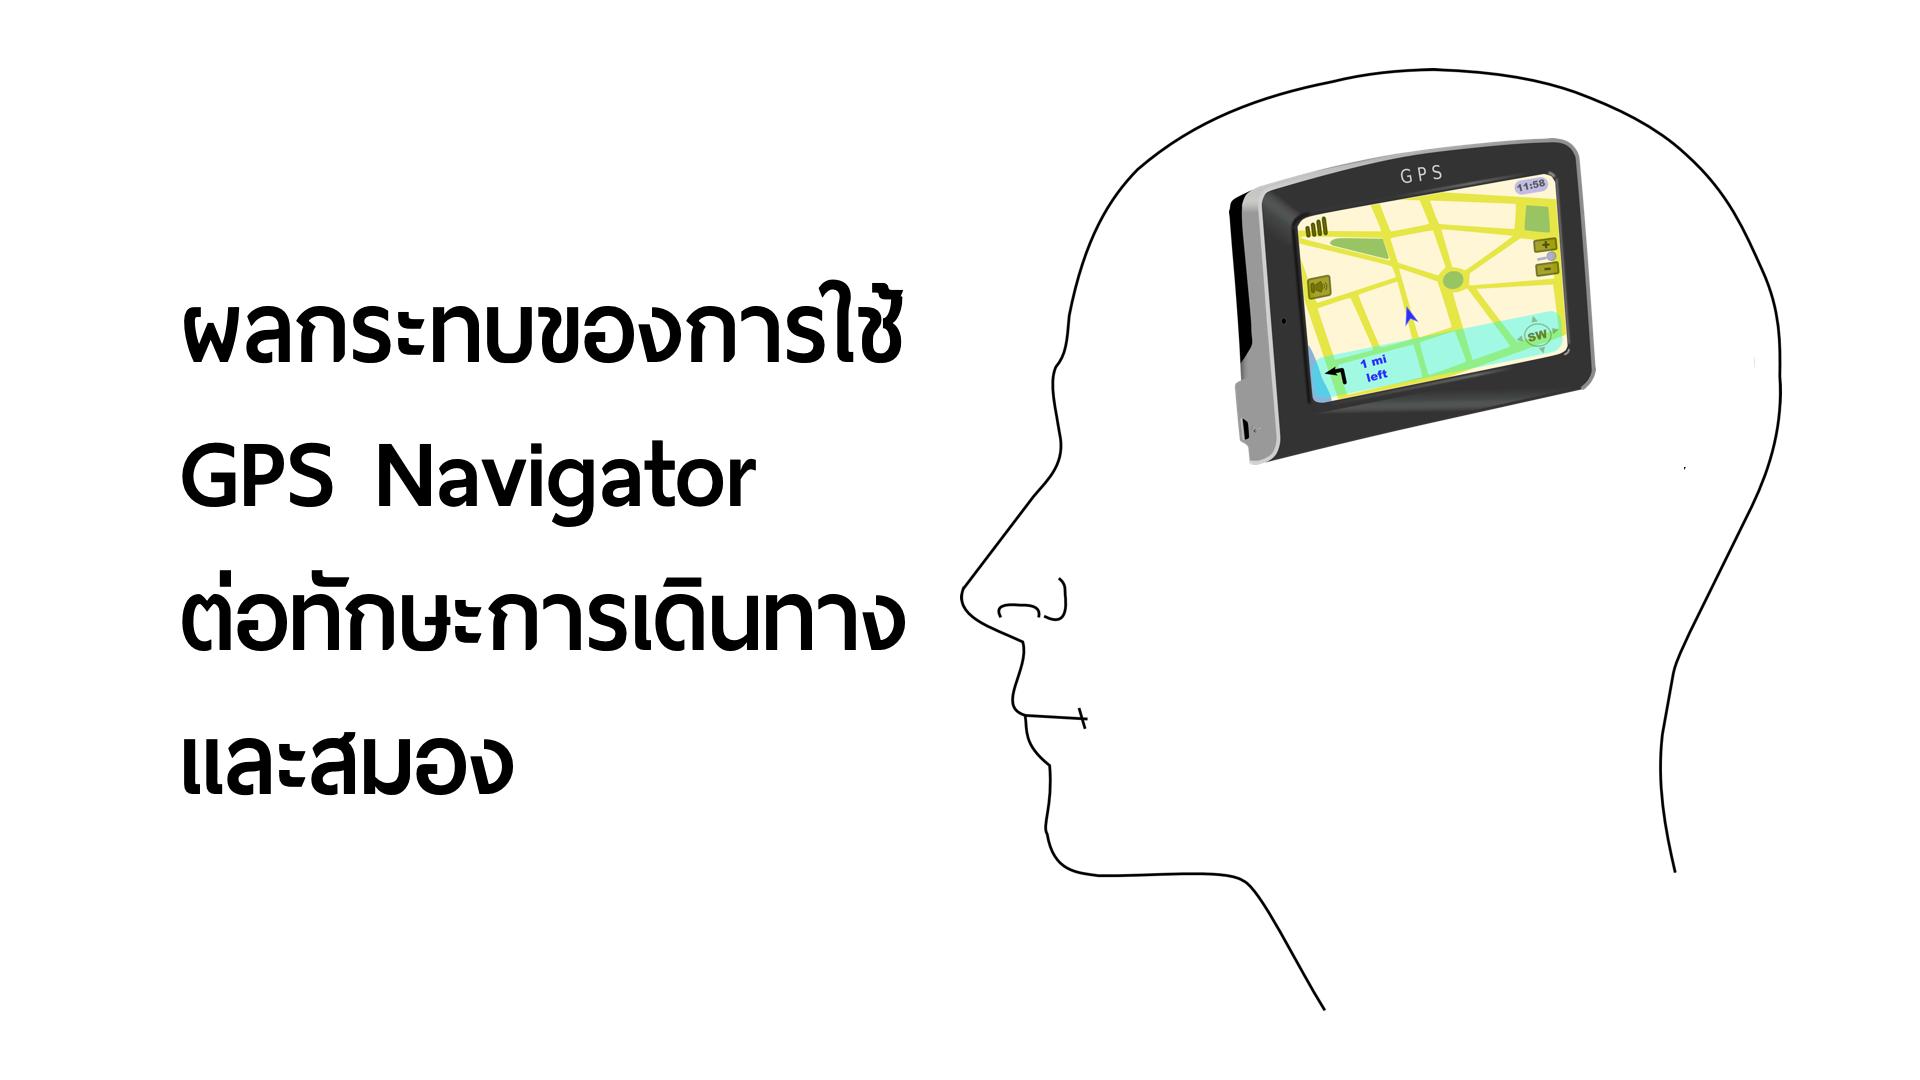 ผลกระทบของการใช้ GPS Navigator ต่อทักษะการเดินทางและสมอง 1